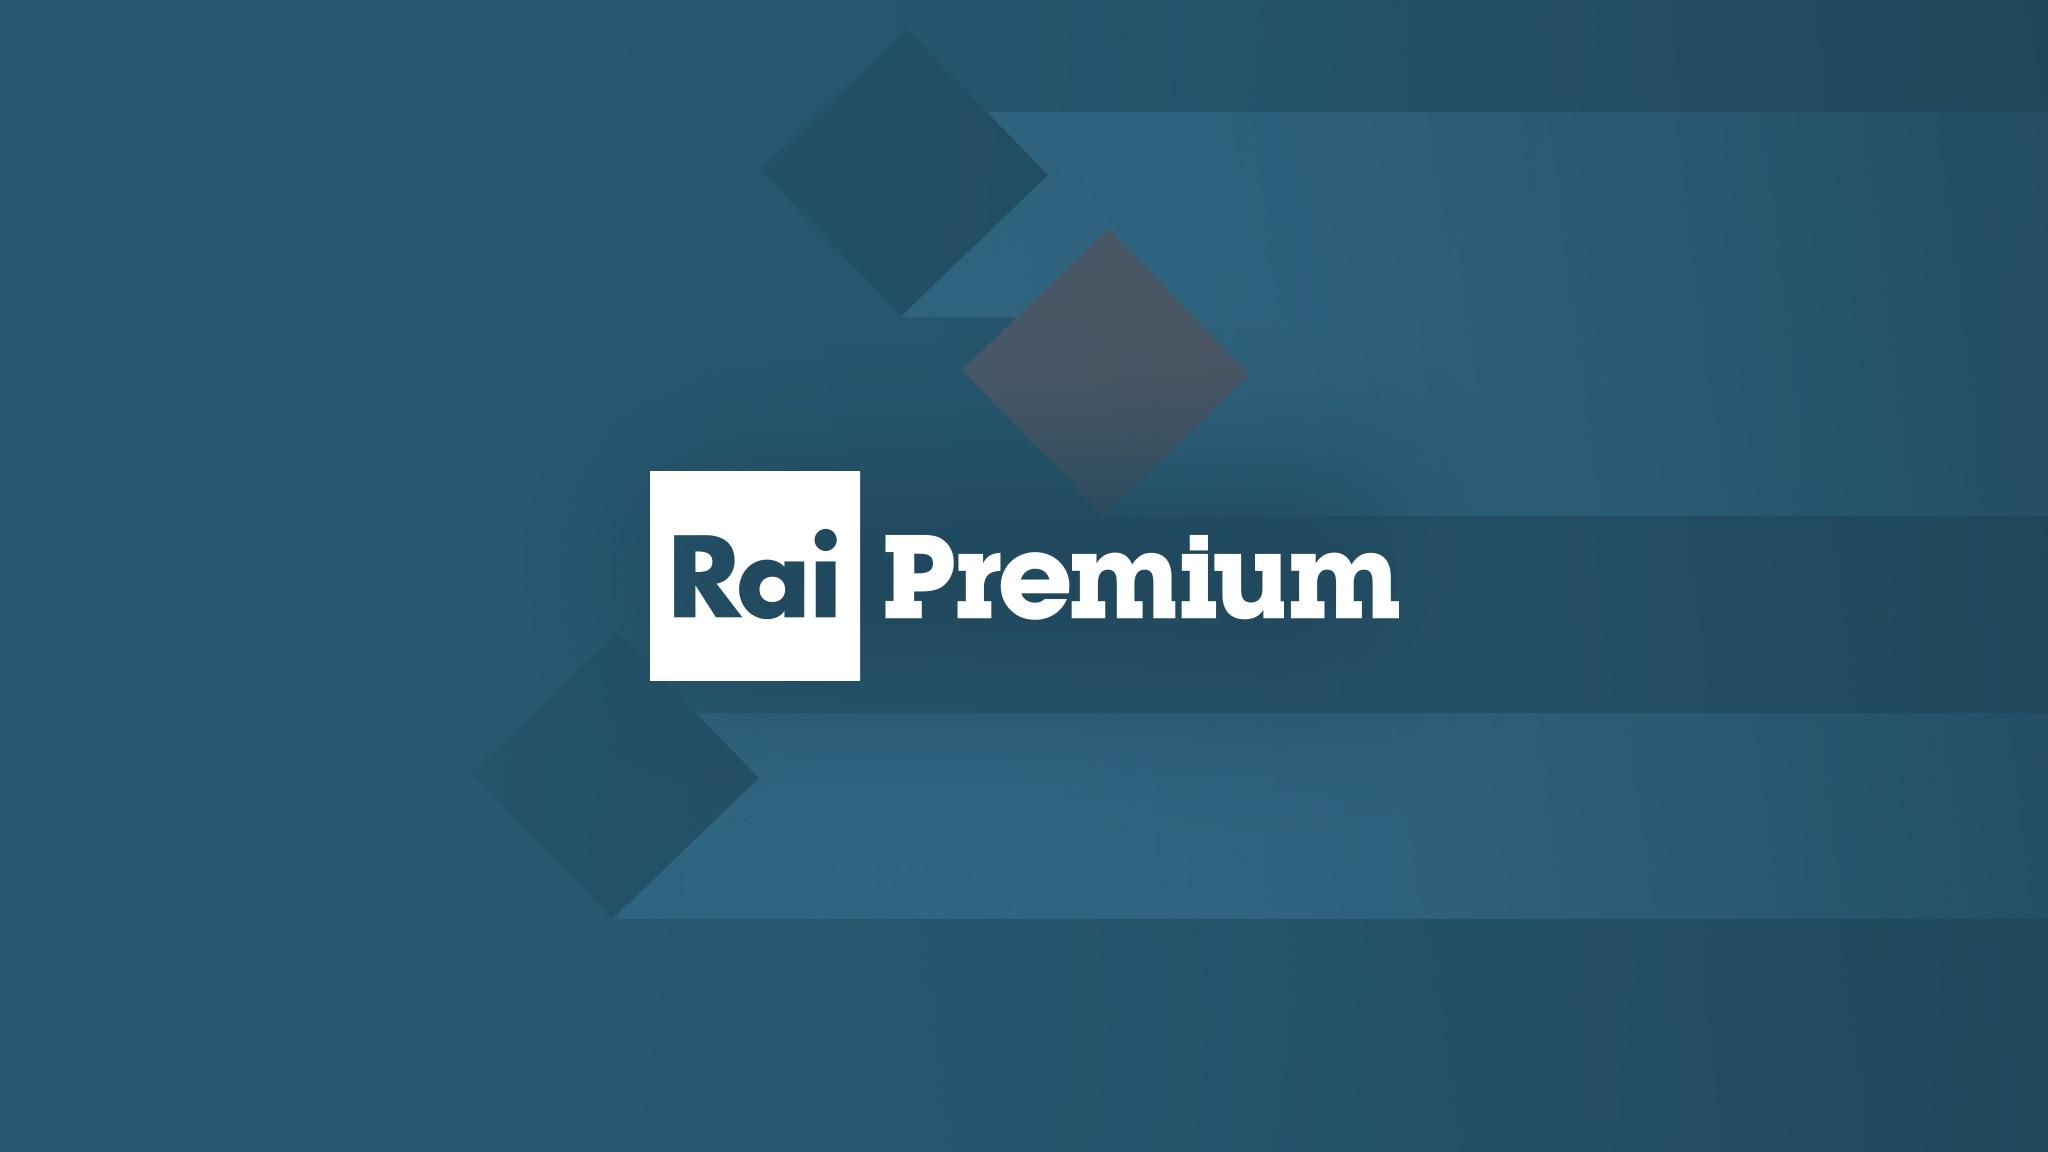 Rai Premium Una Storia Qualunque E2